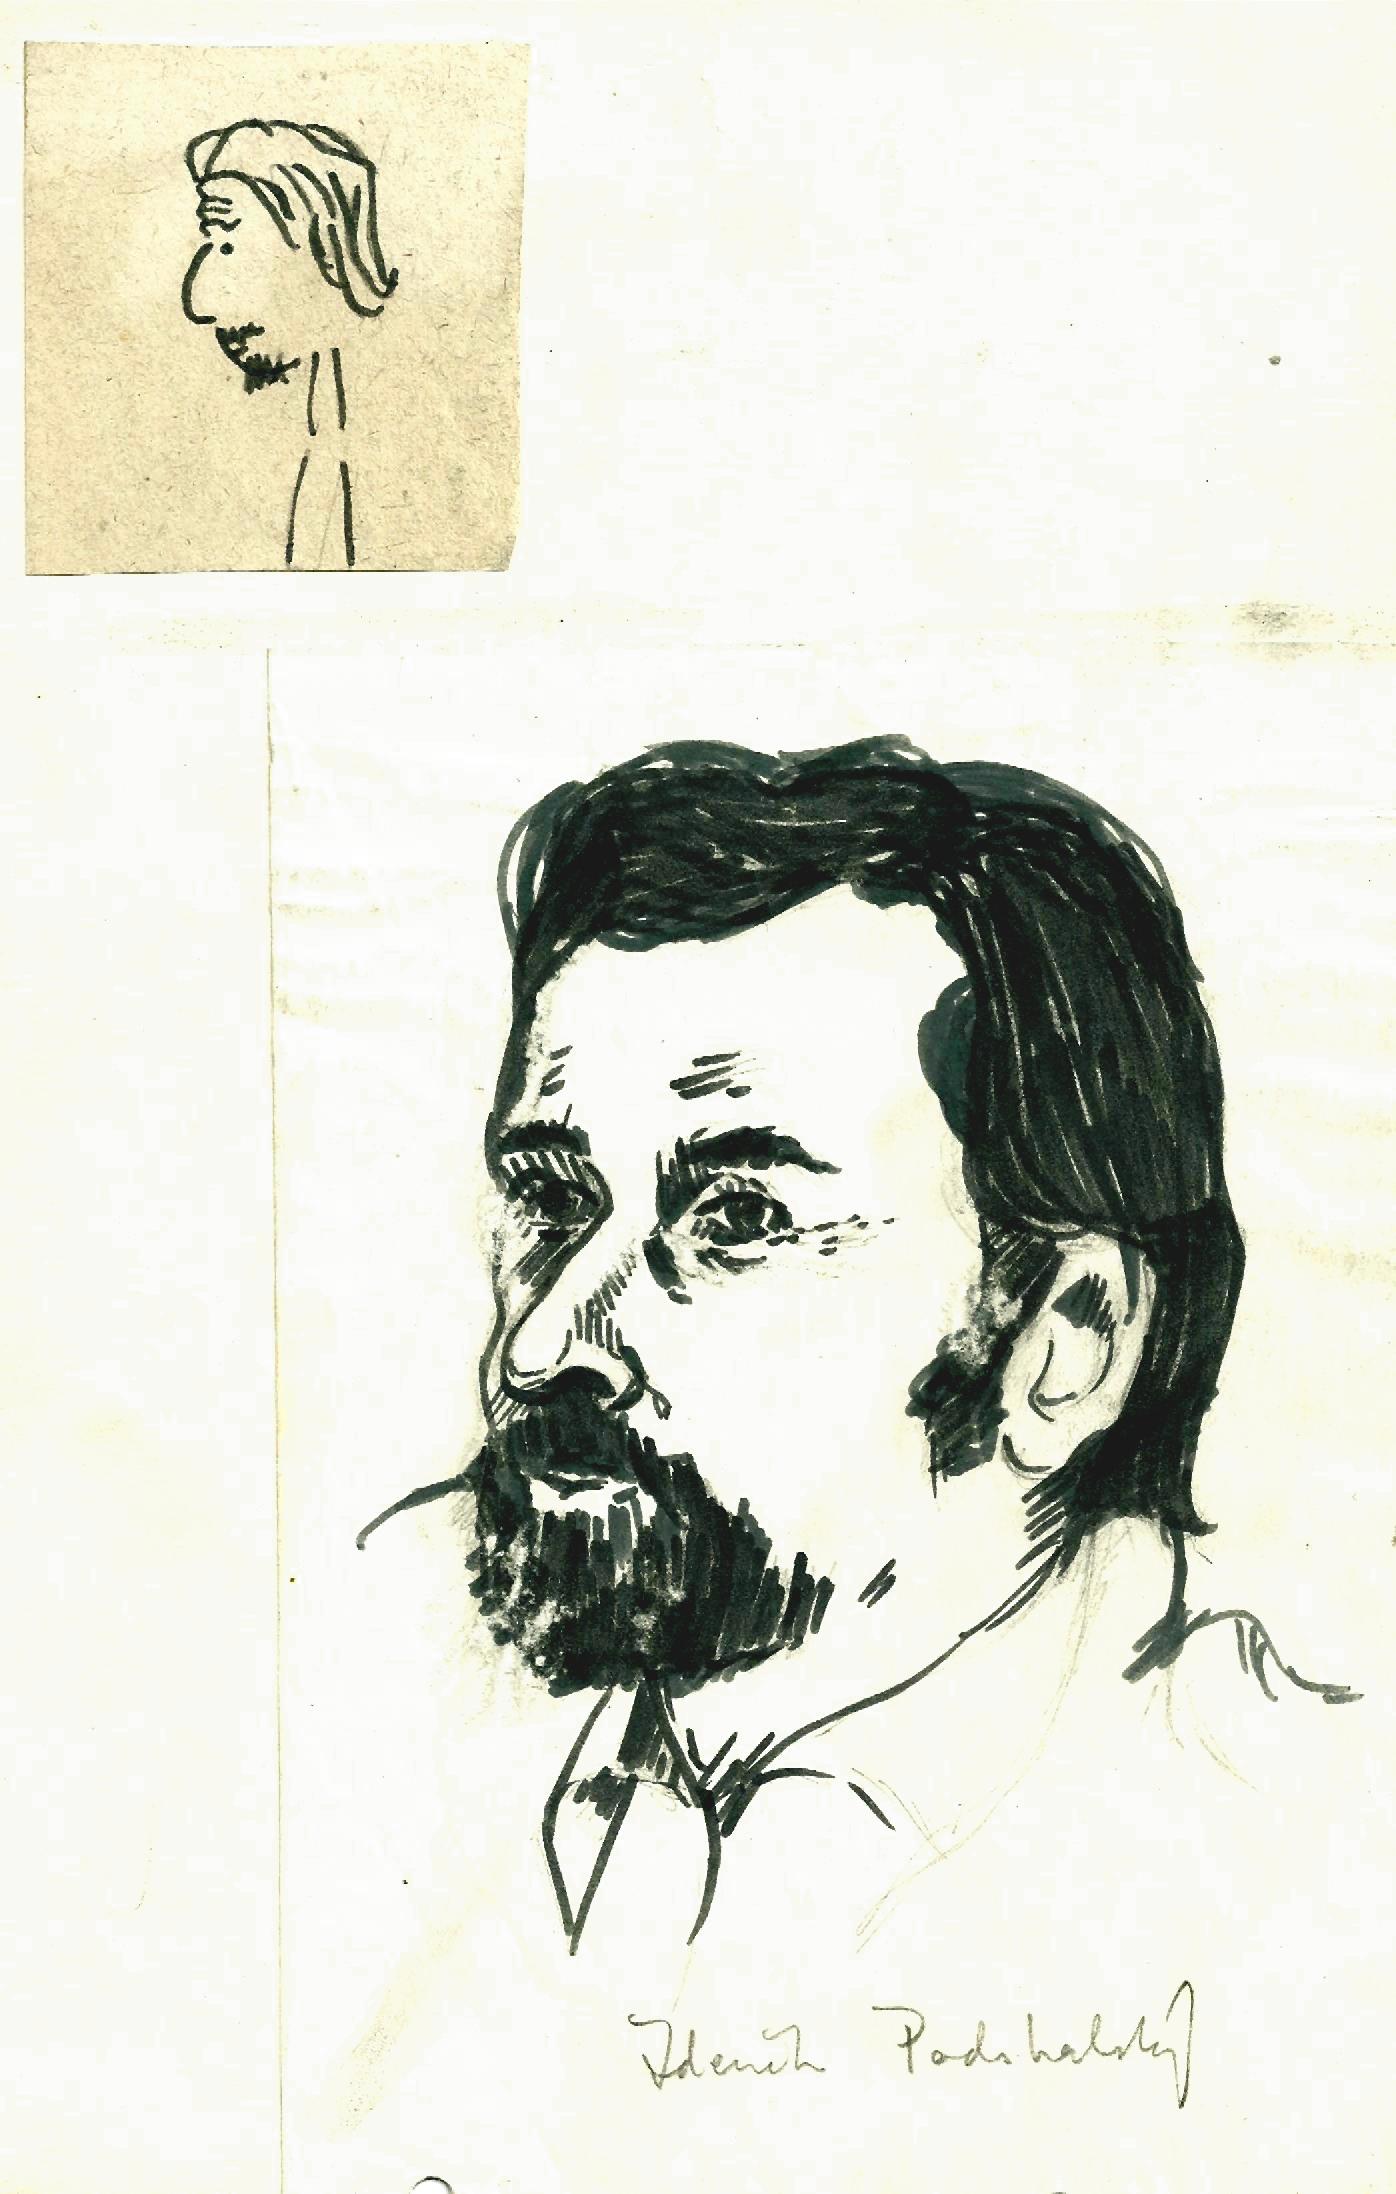 Režisér Zdeněk Podskalský